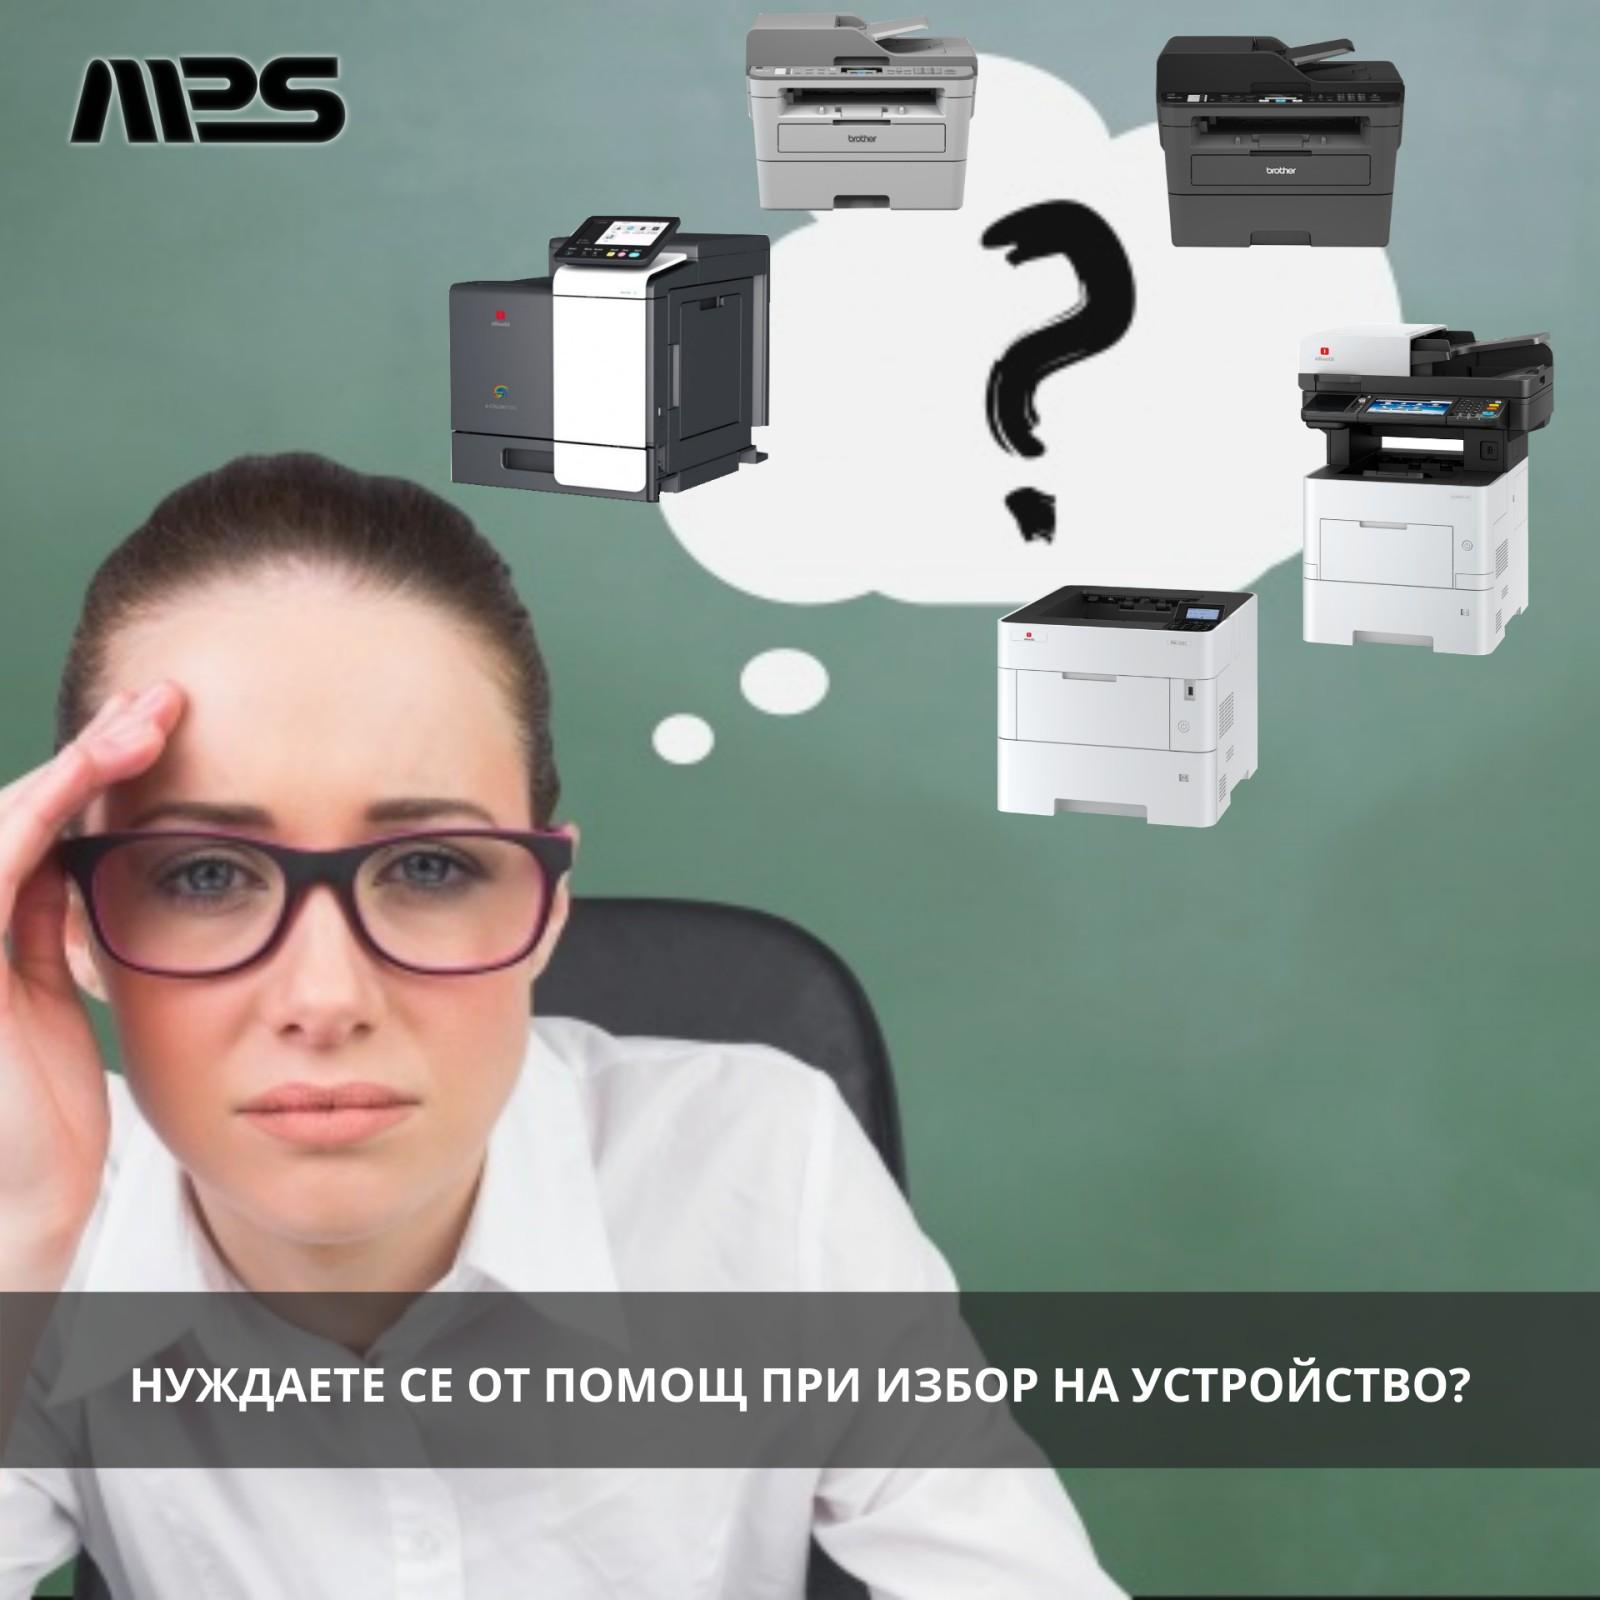 Нуждаете се от помощ при избор на устройство за печат?